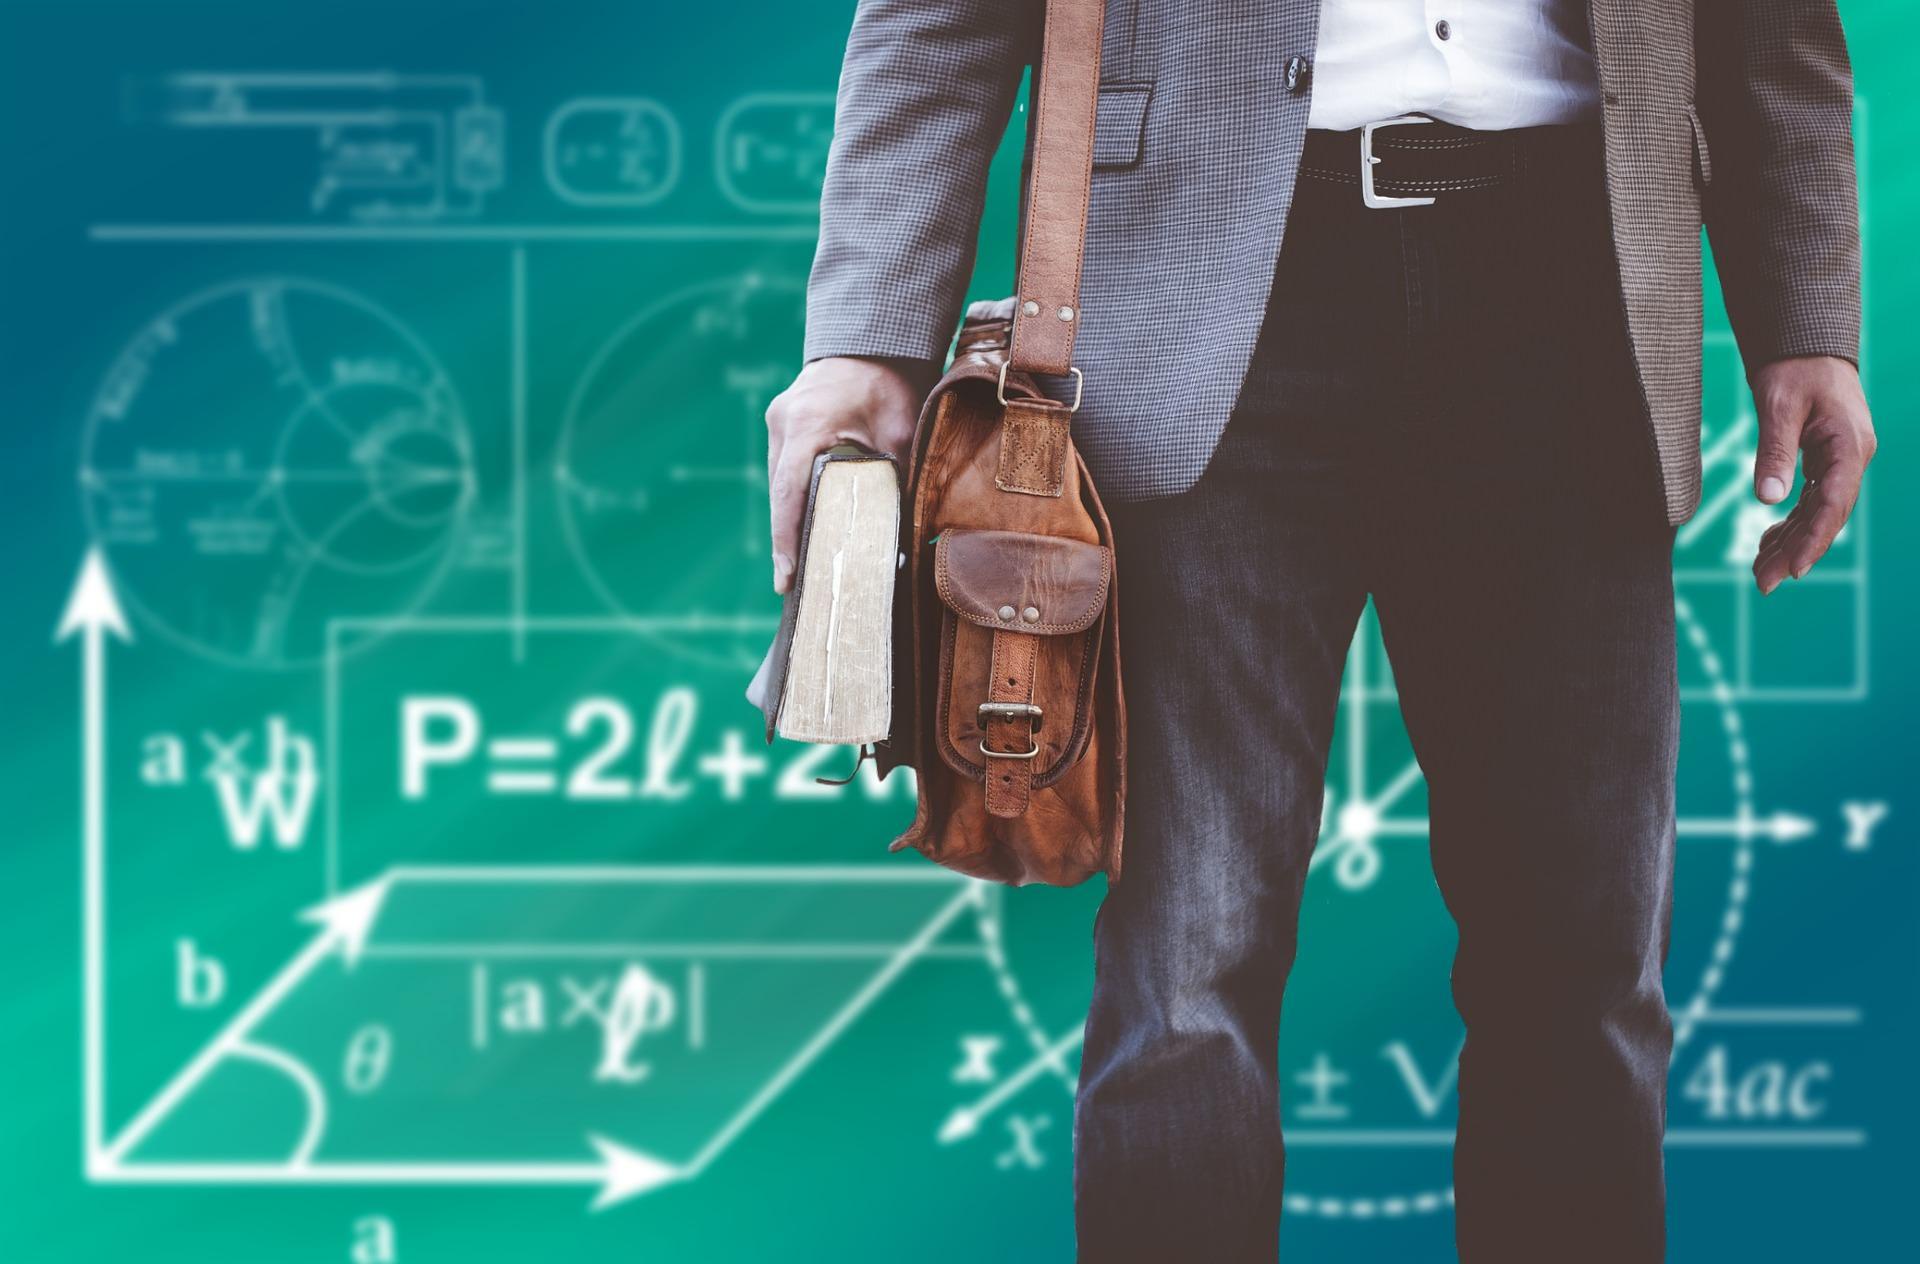 Education to easier employment – E3 (Obrazovanjem do lakšeg zapošljavanja)